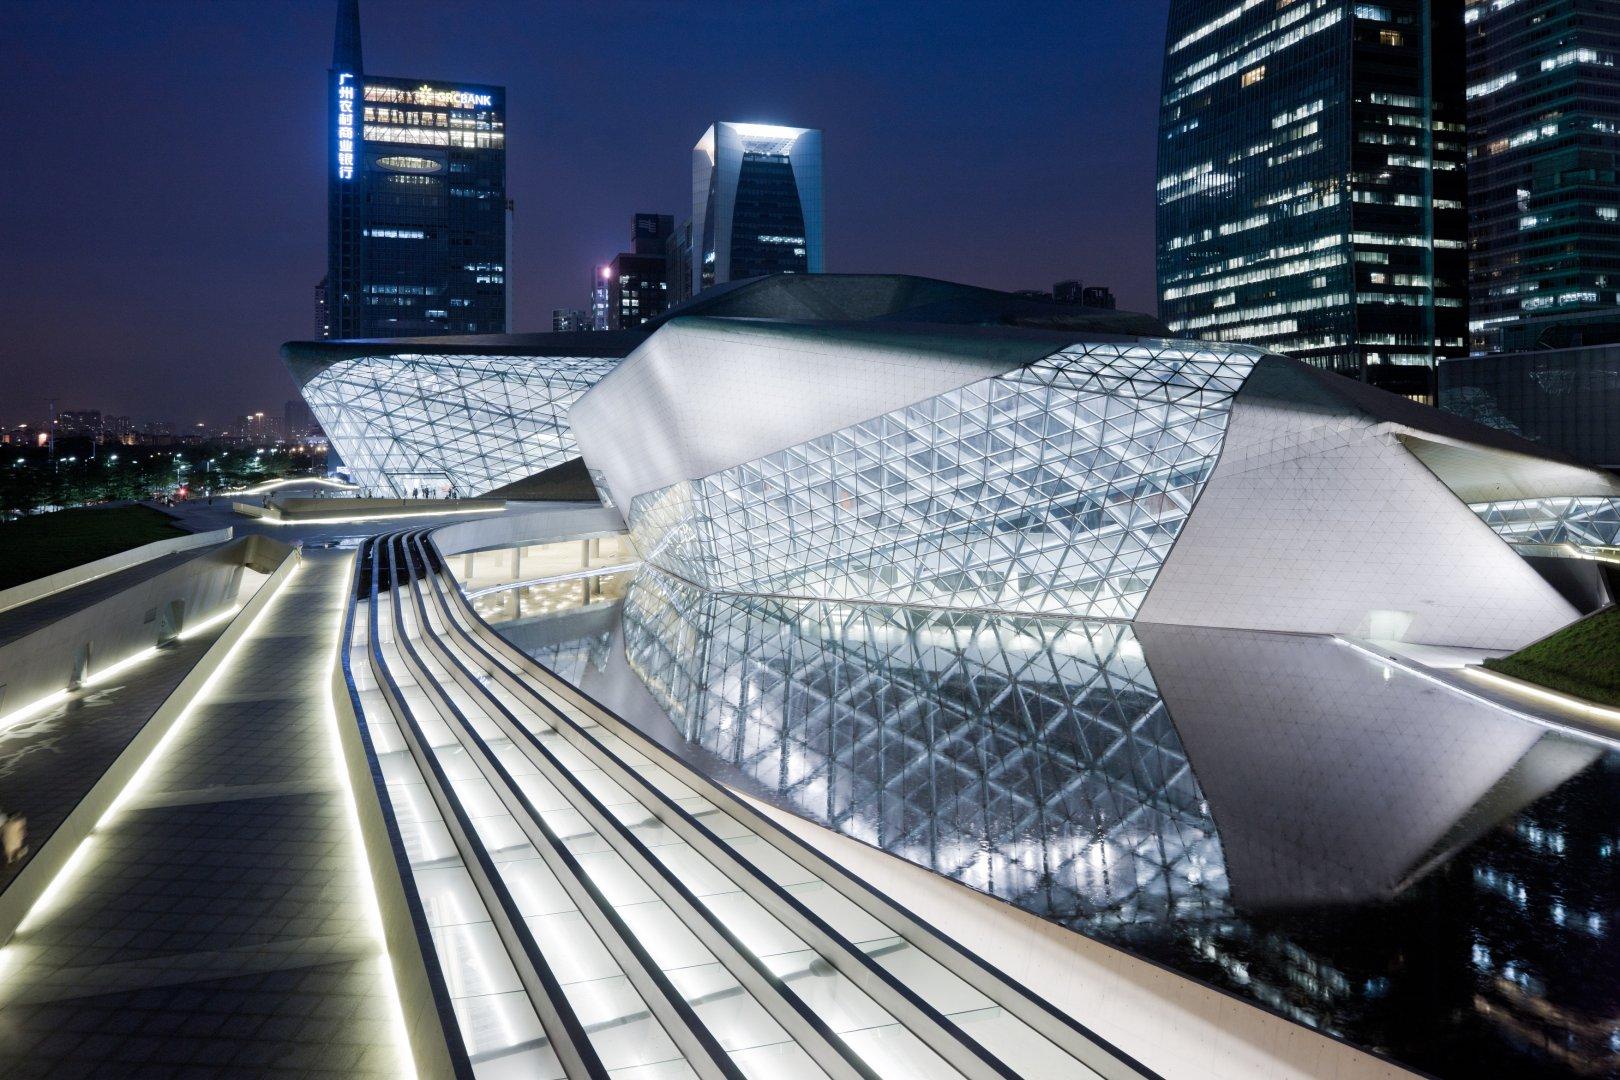 Оперный театр — одна из главных достопримечательностей города Гуанчжоу, Китай